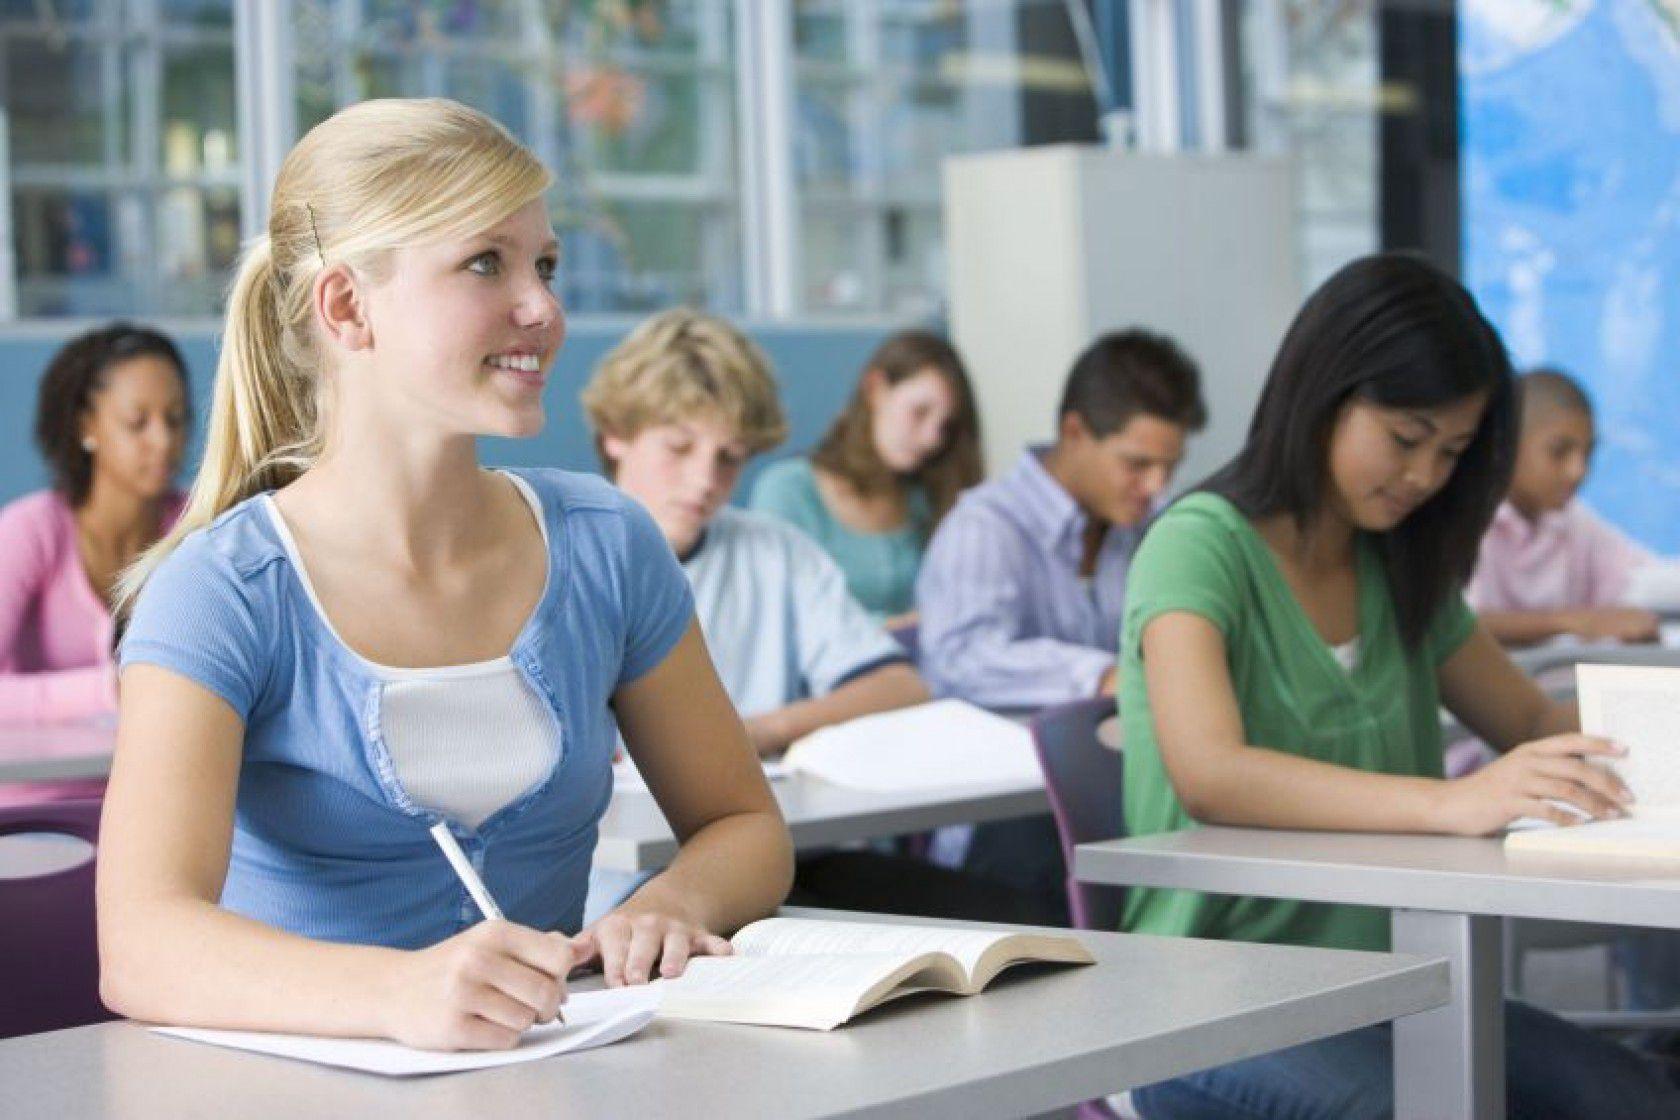 Öğretmen Görüşlerinden Yurtdışında Eğitim Almanın Avantajları Nelerdir?